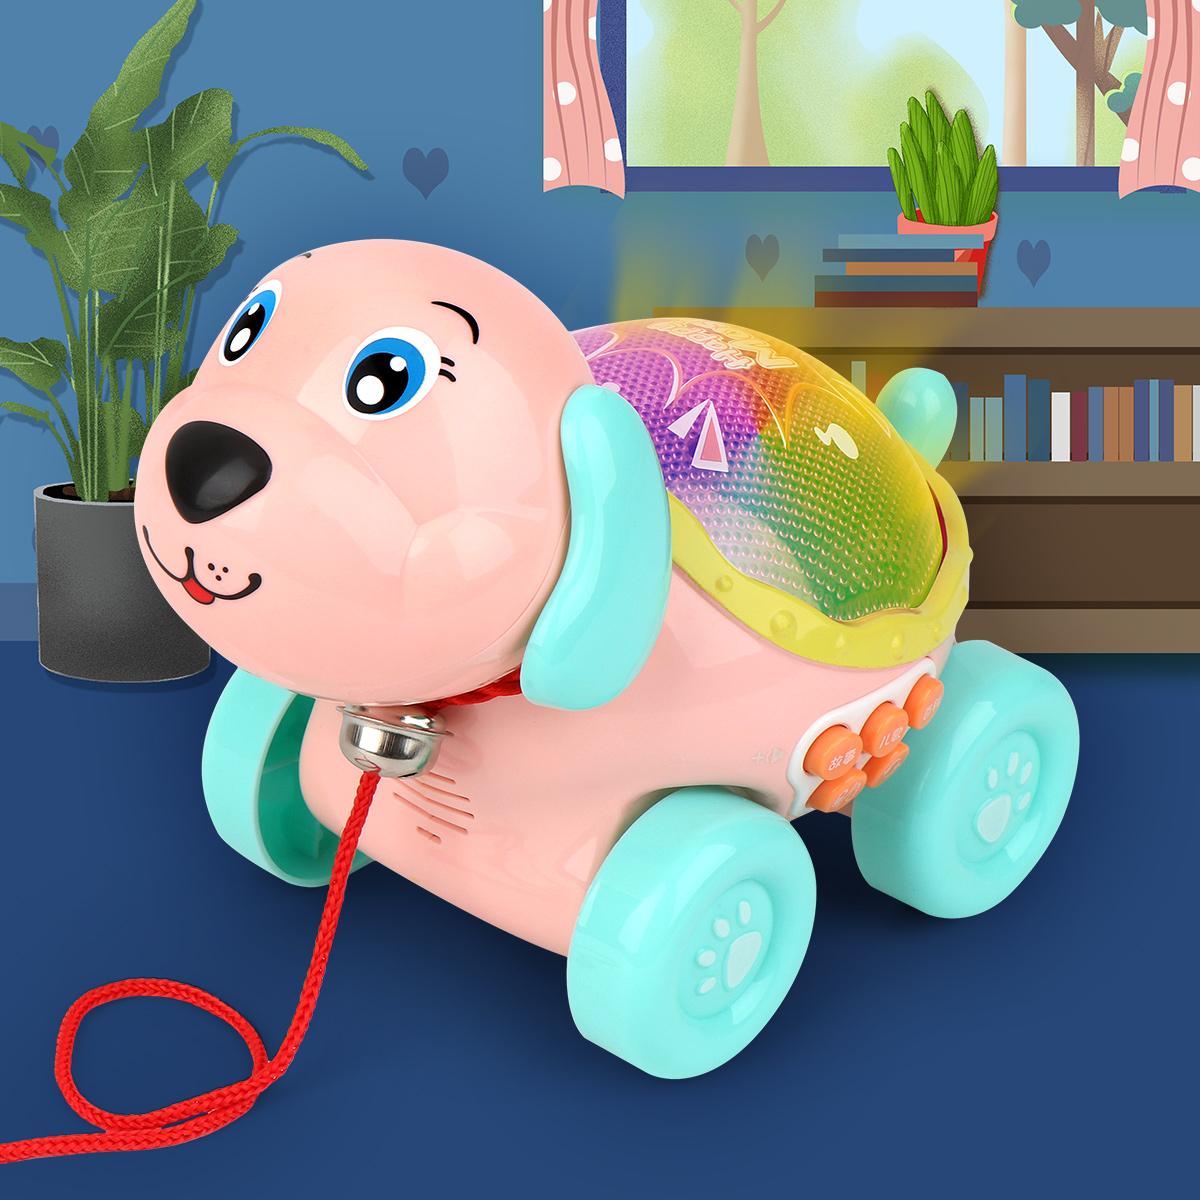 Chạm vào Puppy Light Story Machine Đồ chơi trẻ em Nam và nữ Câu đố Giáo dục sớm Kéo nhạc Chó điện 1-3 tuổi - Đồ chơi giáo dục sớm / robot